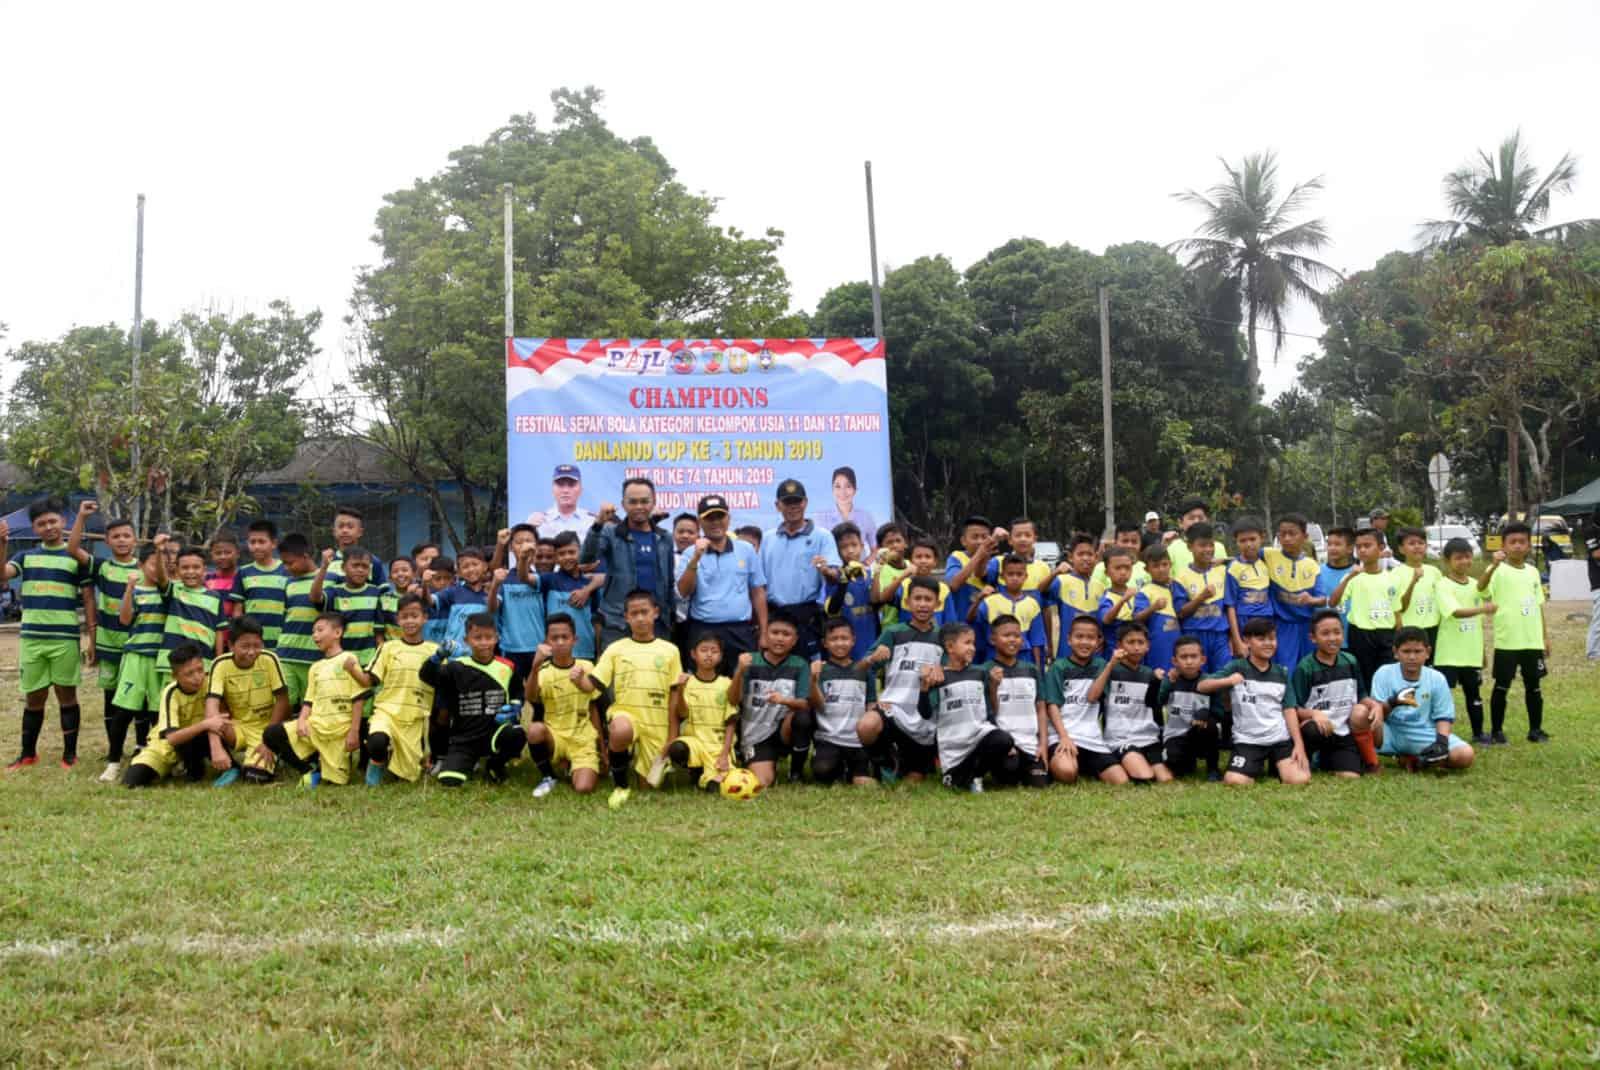 Lanud Wiriadinata Gelar Festival Sepak Bola Danlanud Cup Ke – 3 Tahun 2019